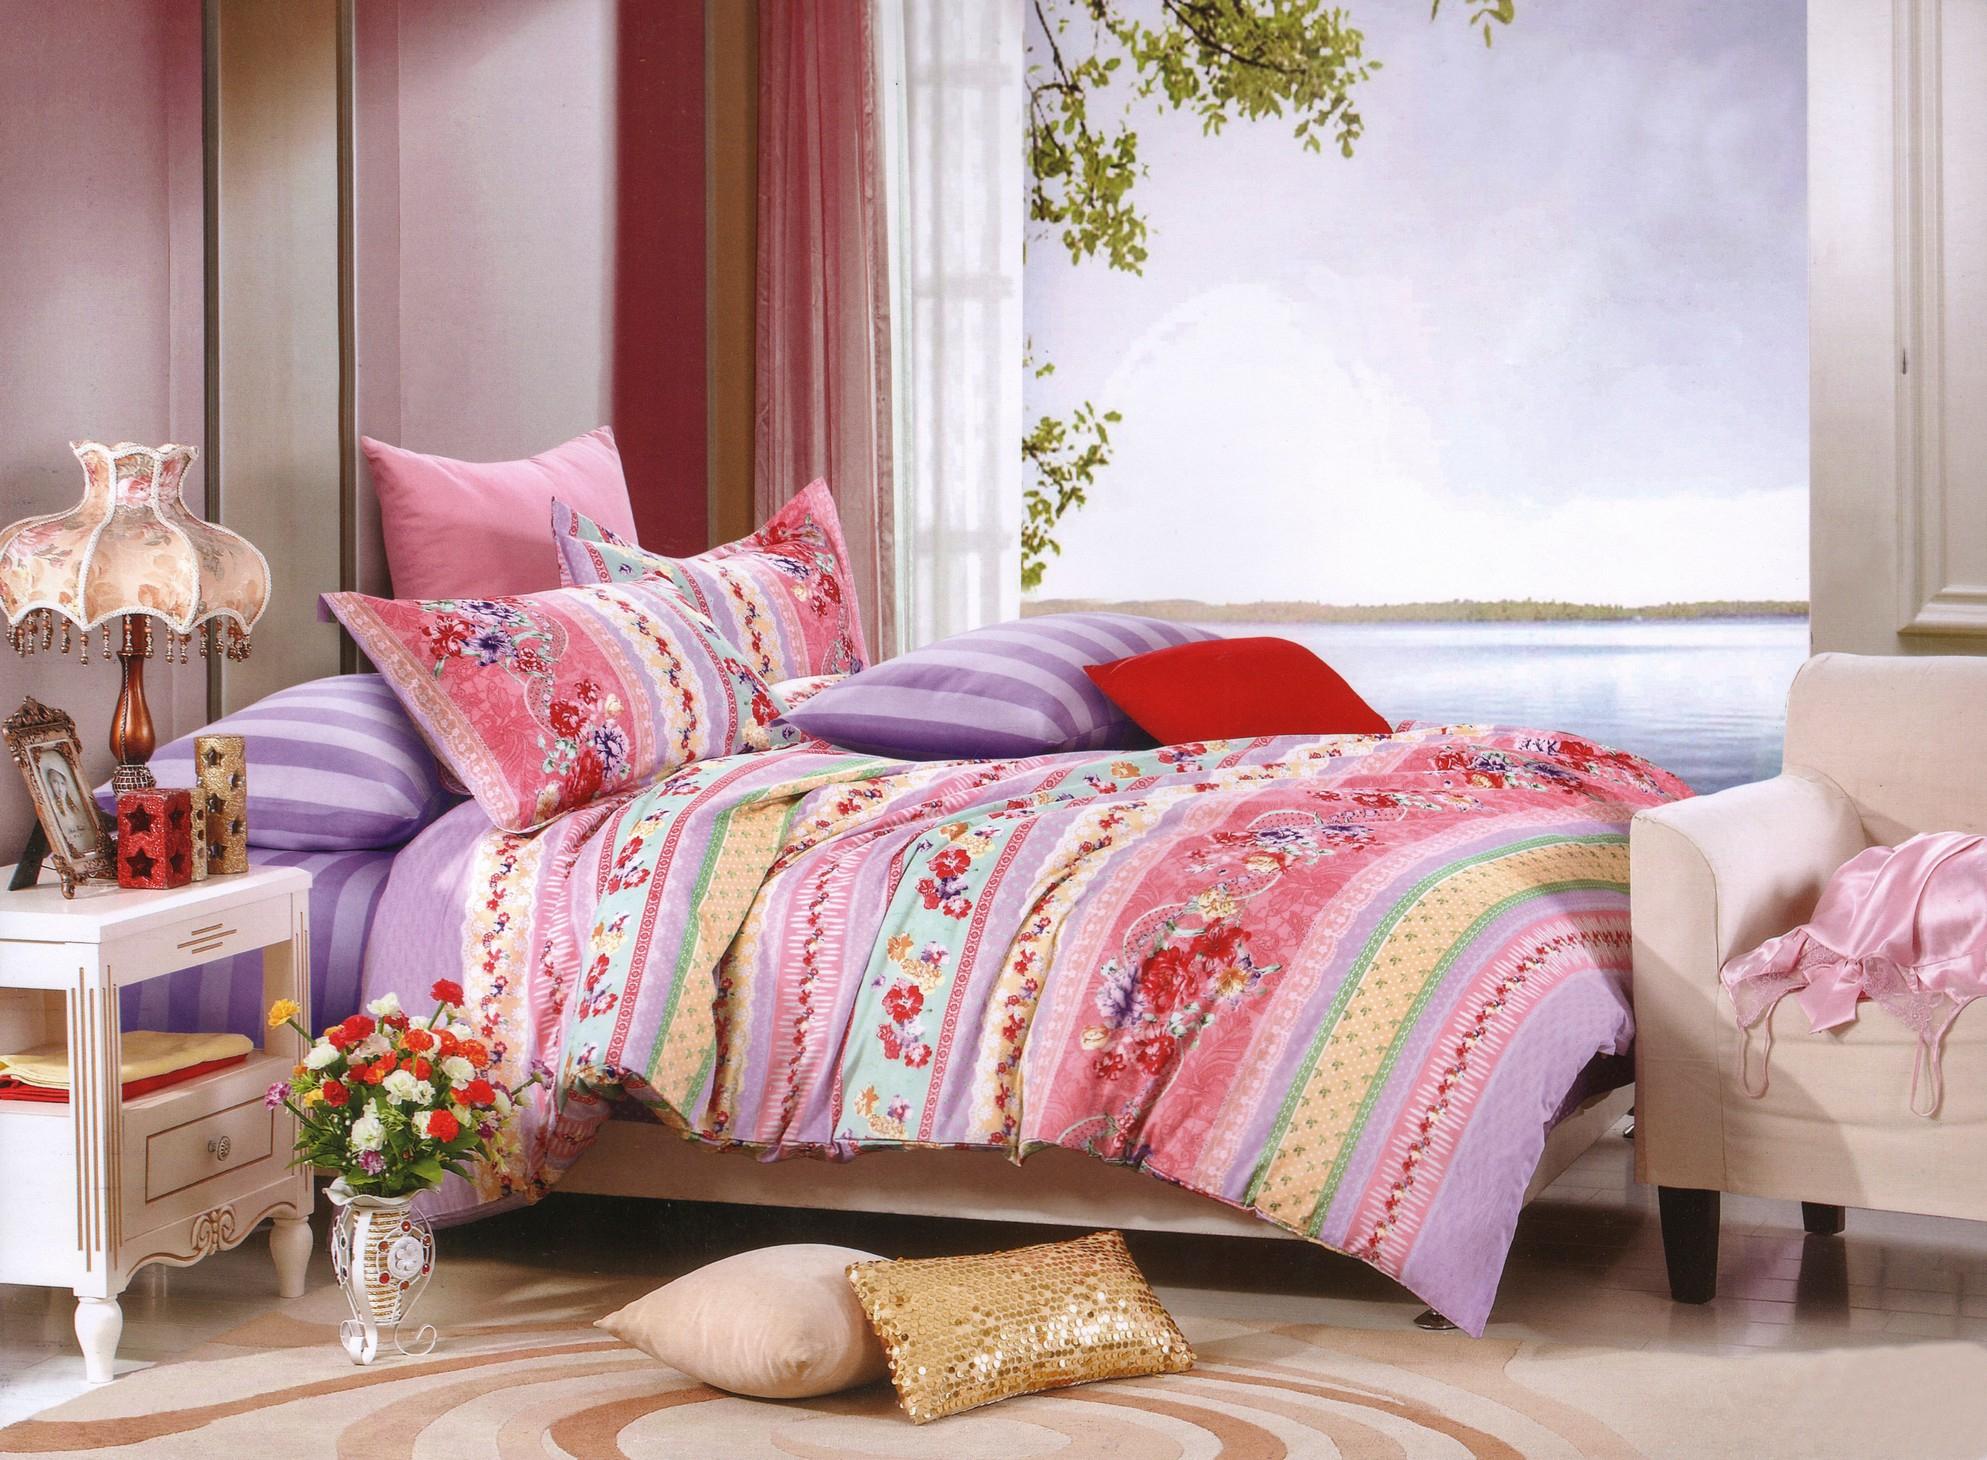 Комплекты постельного белья SVANtex svx675877